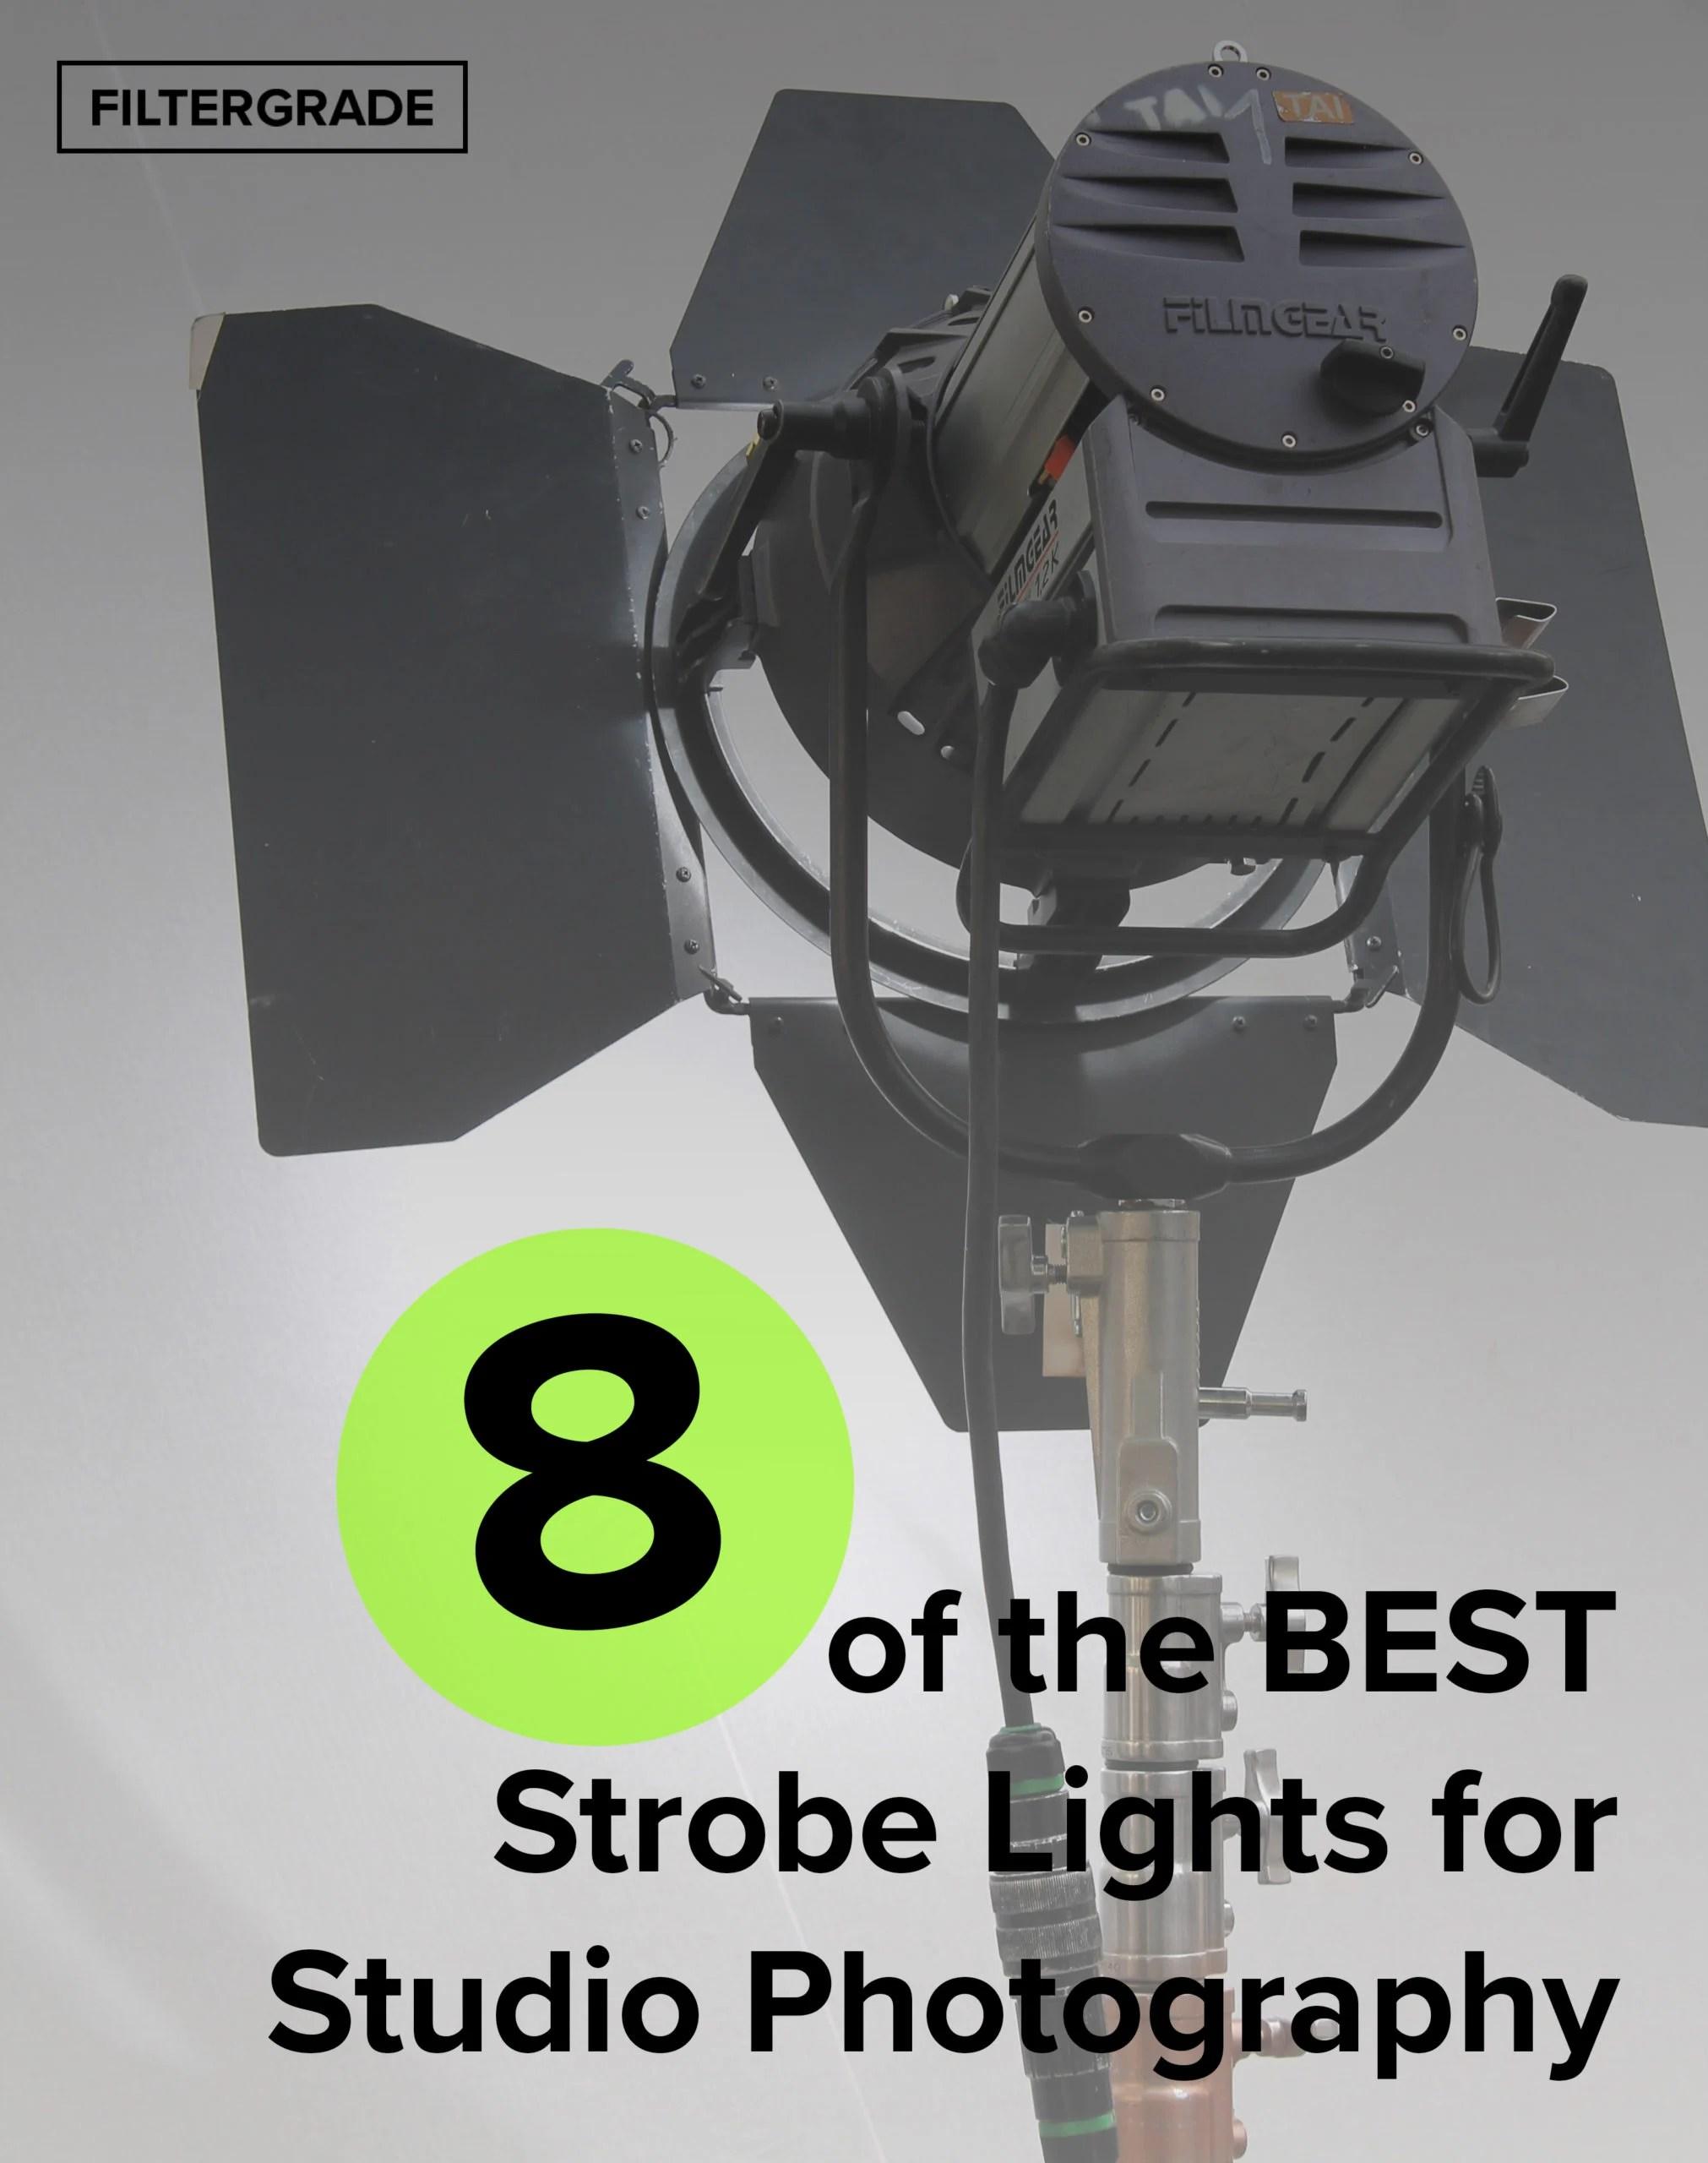 8 of the best strobe lights for studio